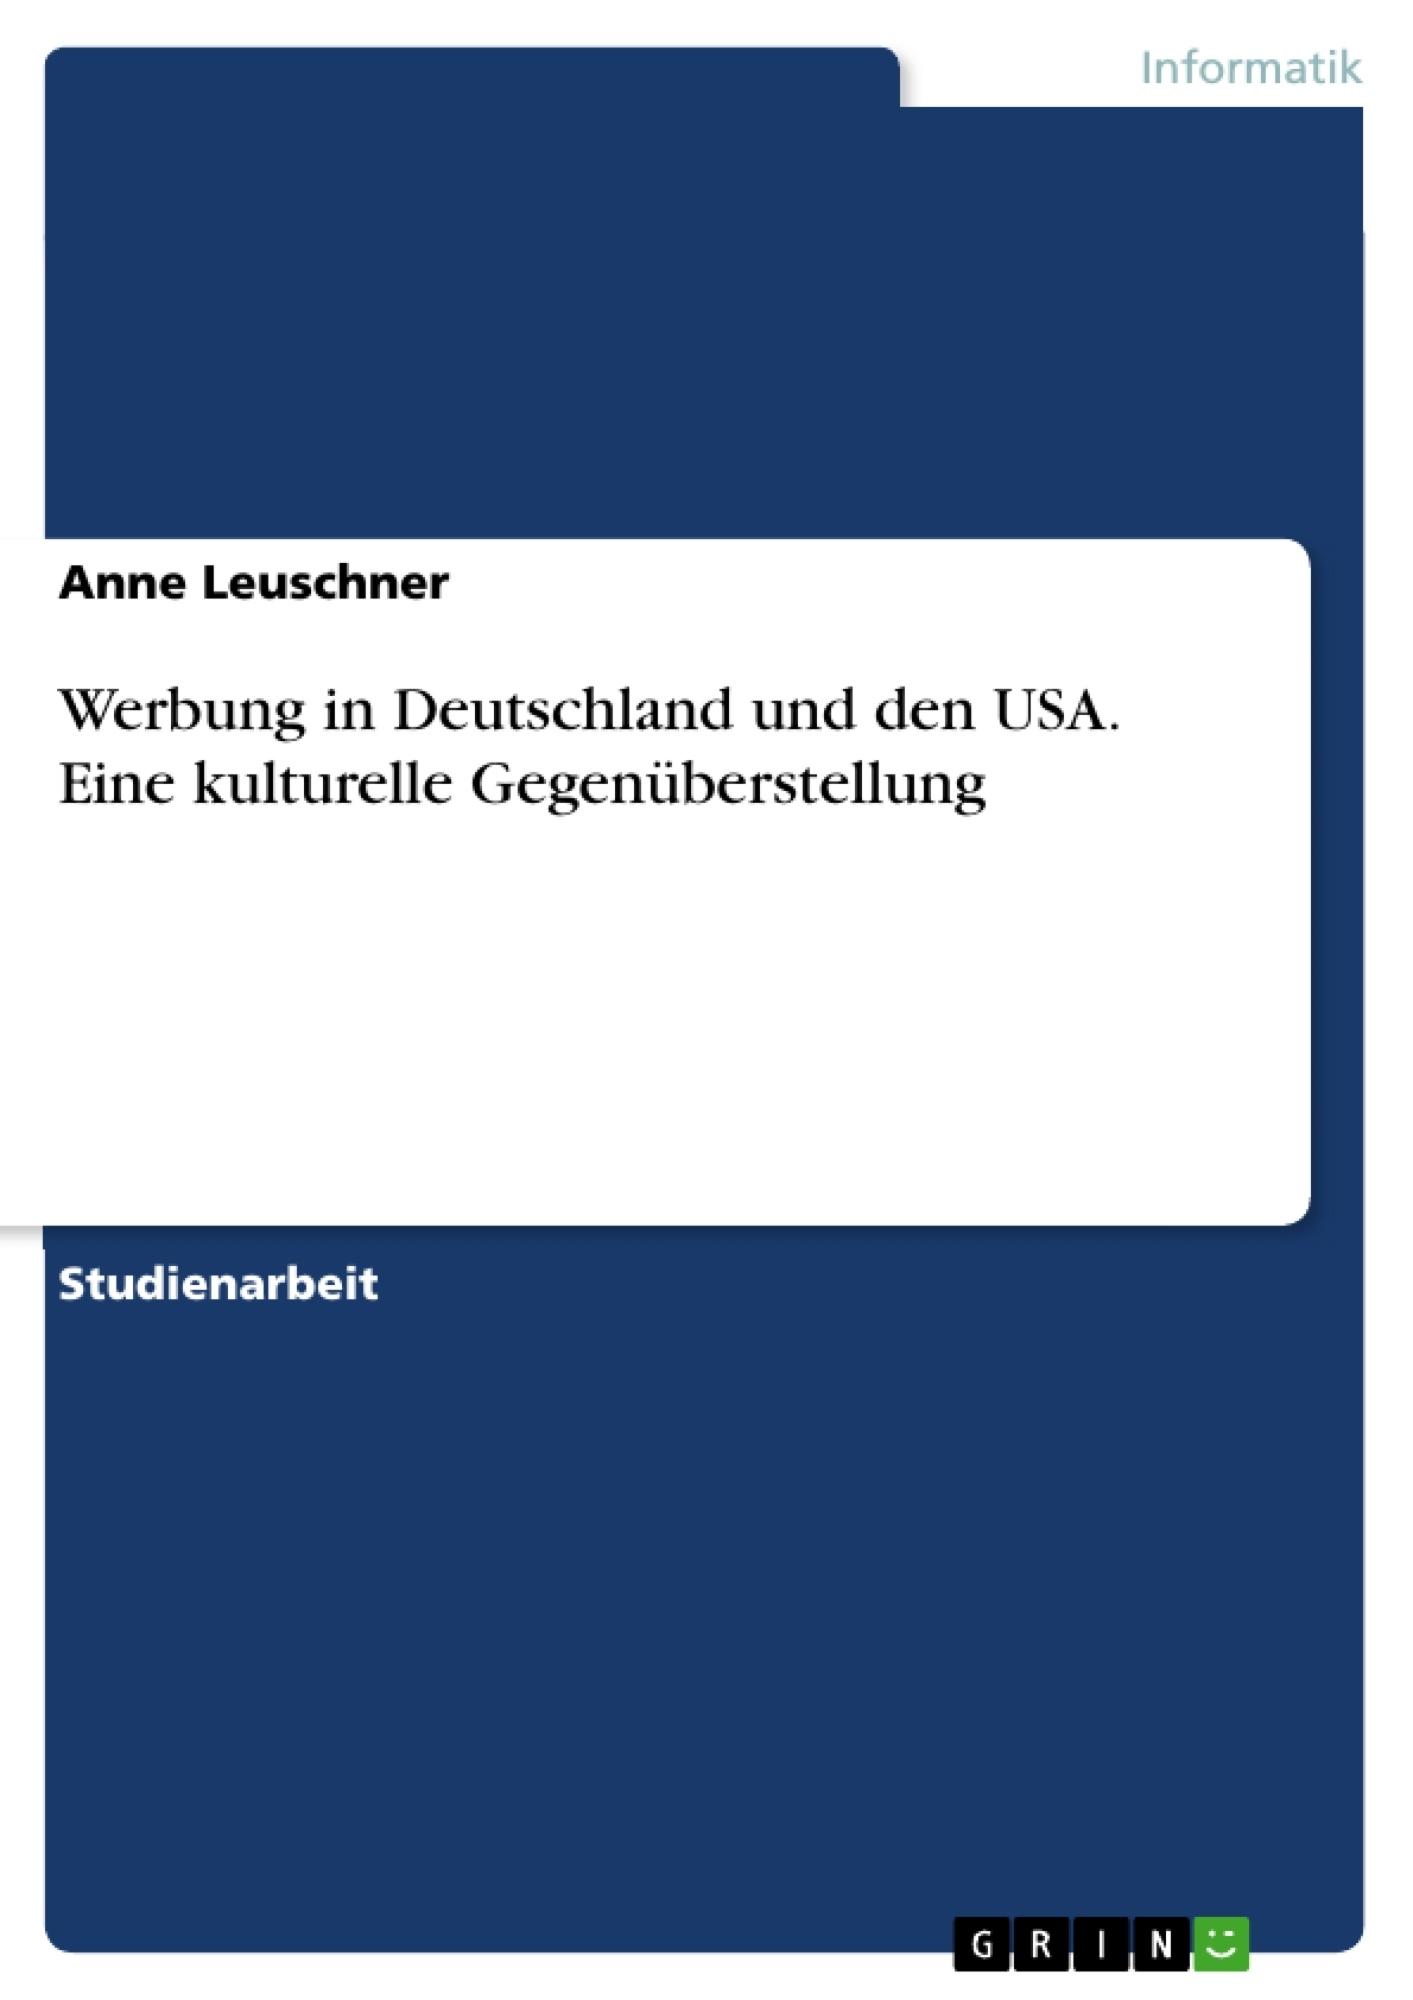 Titel: Werbung in Deutschland und den USA. Eine kulturelle Gegenüberstellung